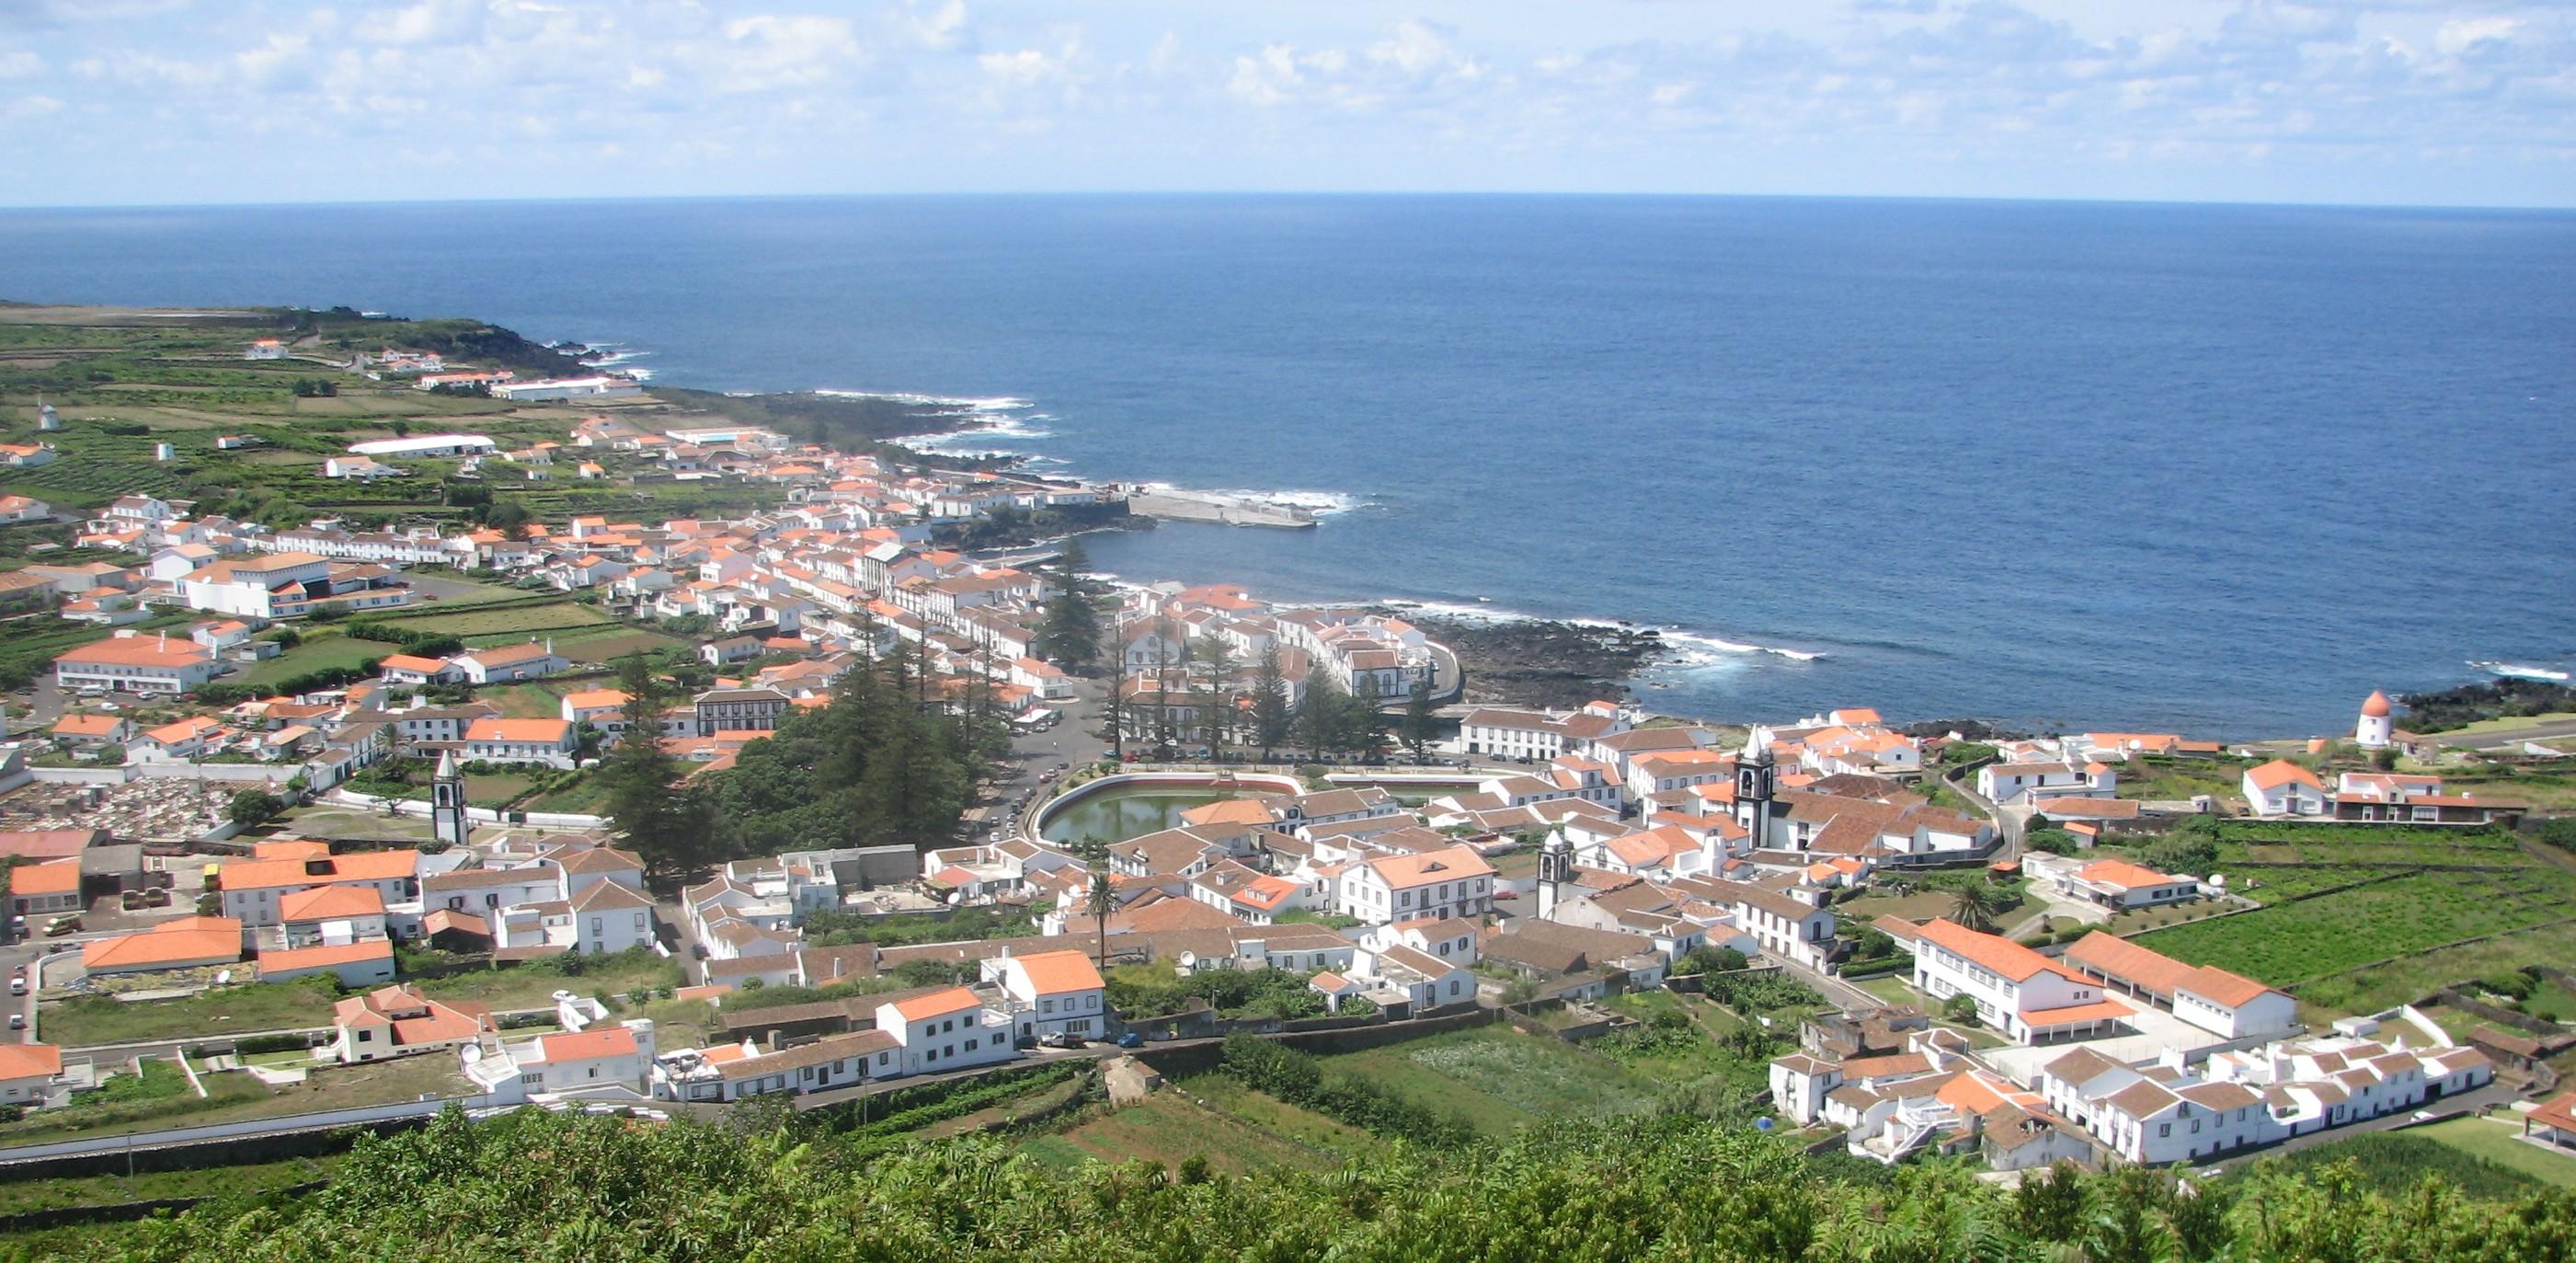 Governo dos Açores inicia hoje Visita Estatutária à Graciosa